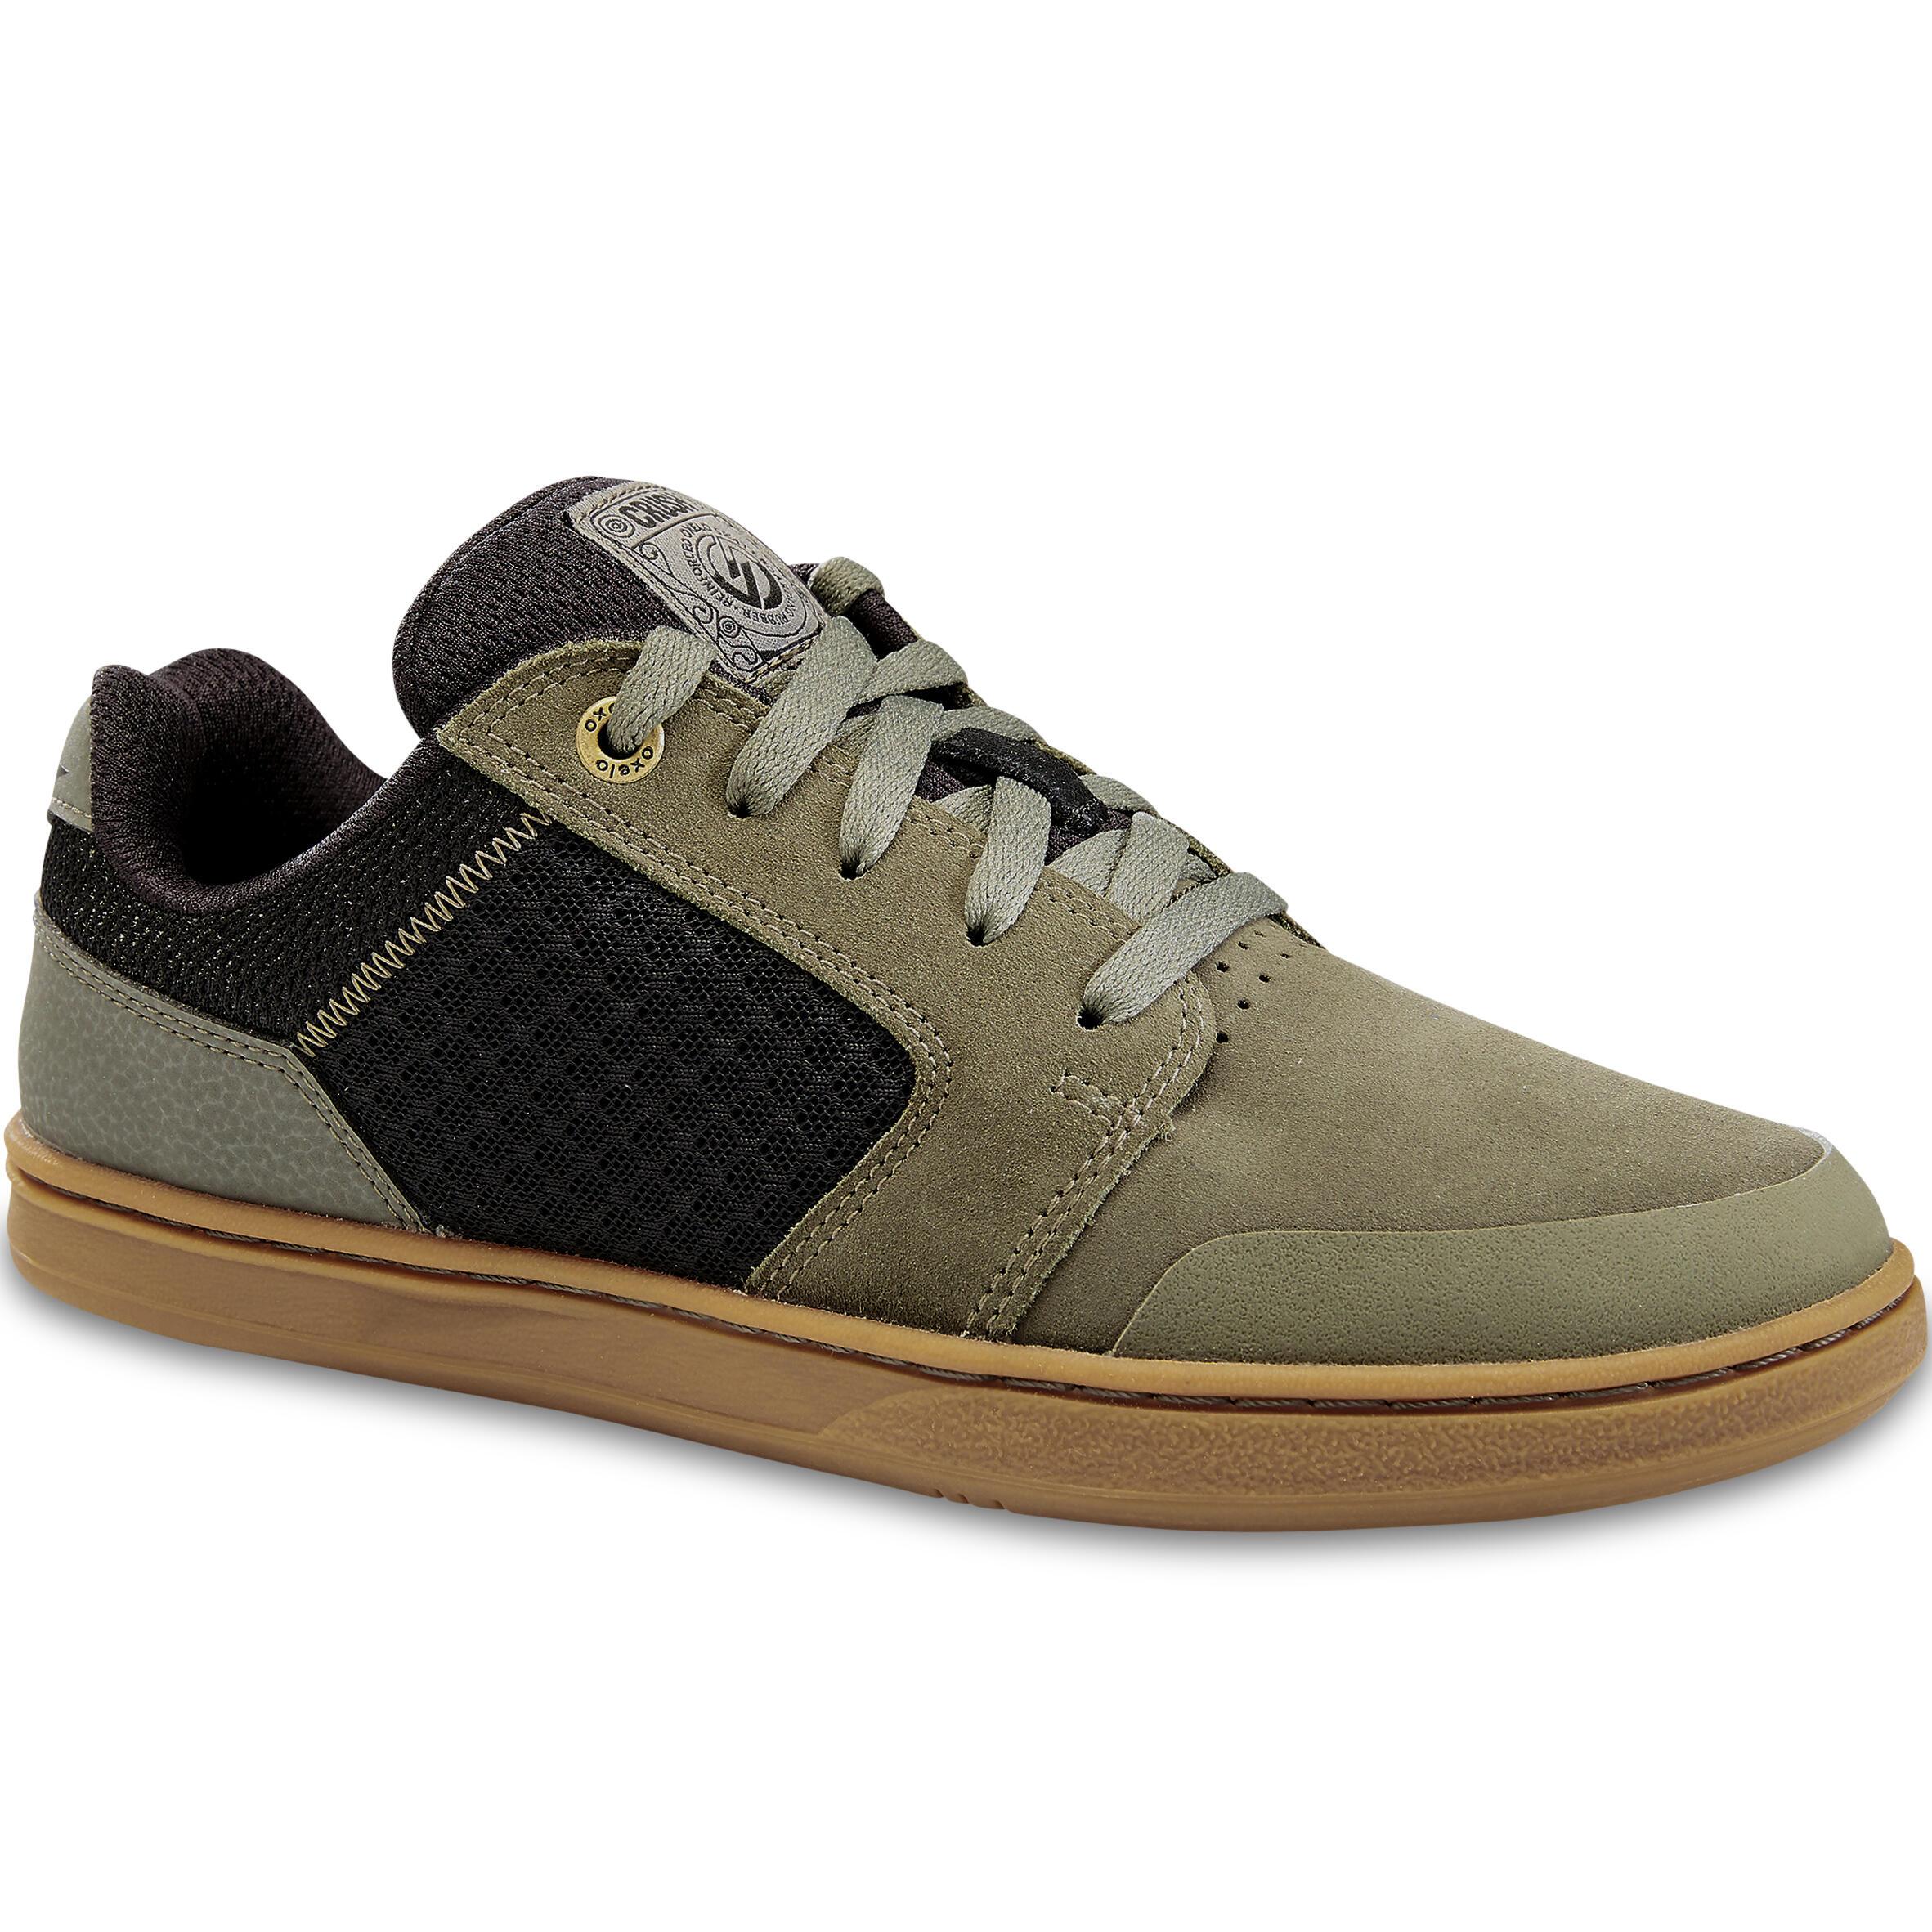 Chaussures basses de planche à roulettes junior CRUSH500 kaki